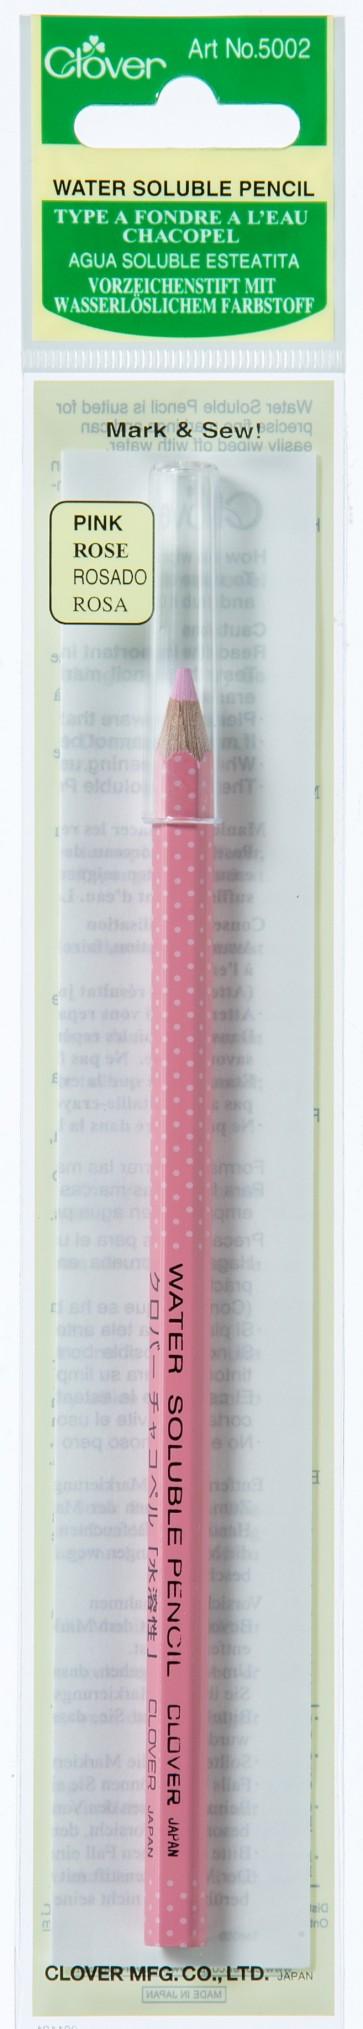 CLOVER Vorzeichenstift wasserlöslich rosa